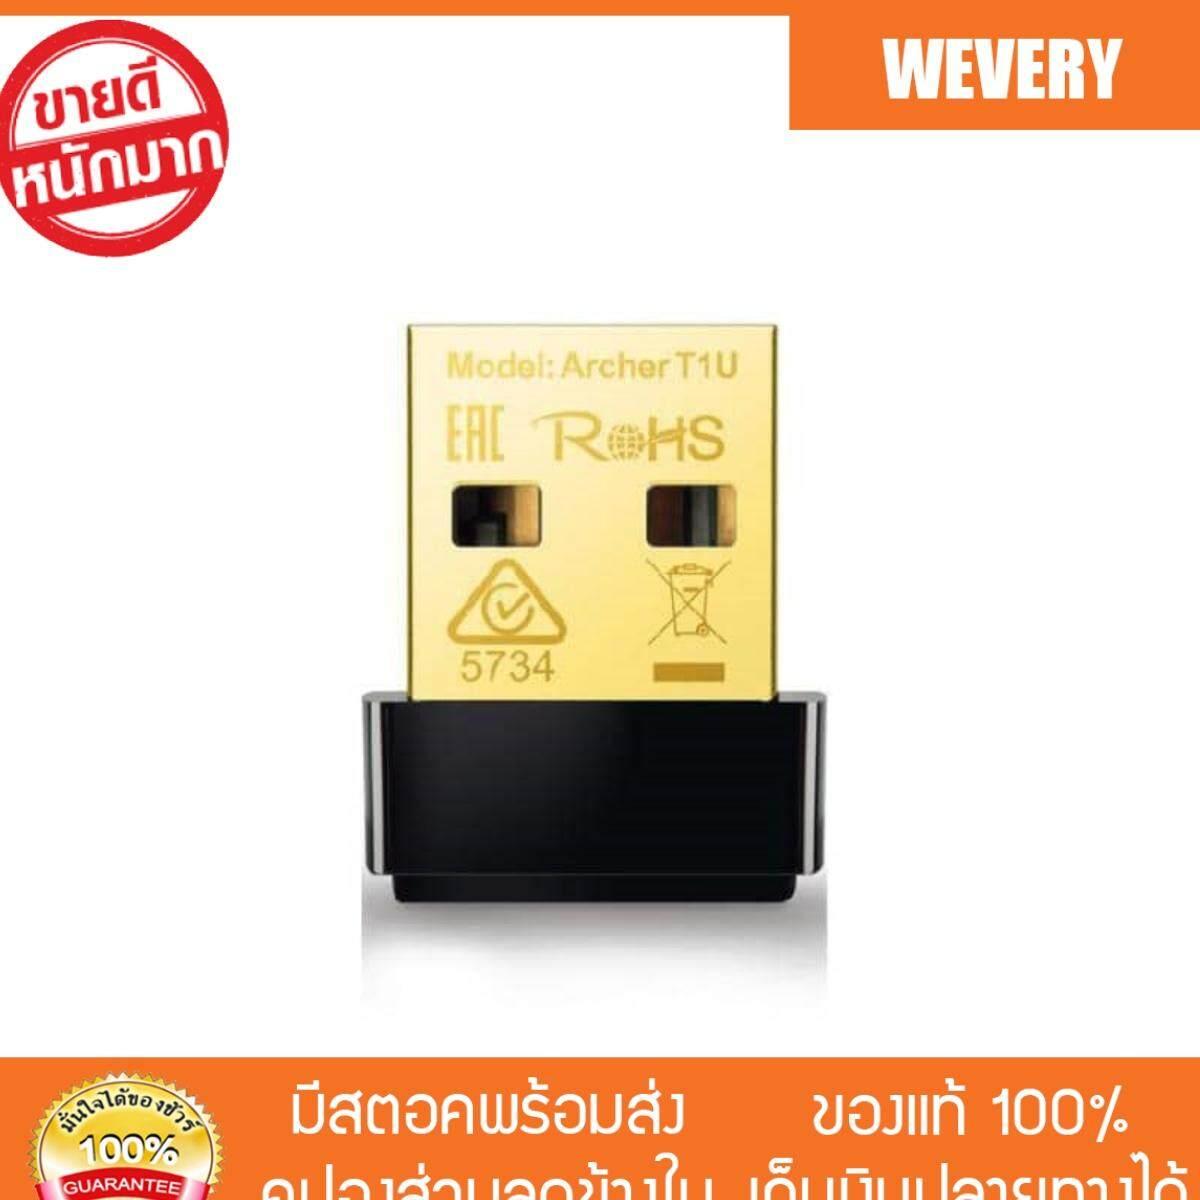 เก็บเงินปลายทางได้ [Wevery] TP-Link Archer T1U อุปกรณ์รับ Wi-Fi (AC450 Wireless Nano USB Adapter) ตัวรับสัญญาณ wifi ตัวรับ wifi ส่ง Kerry เก็บปลายทางได้